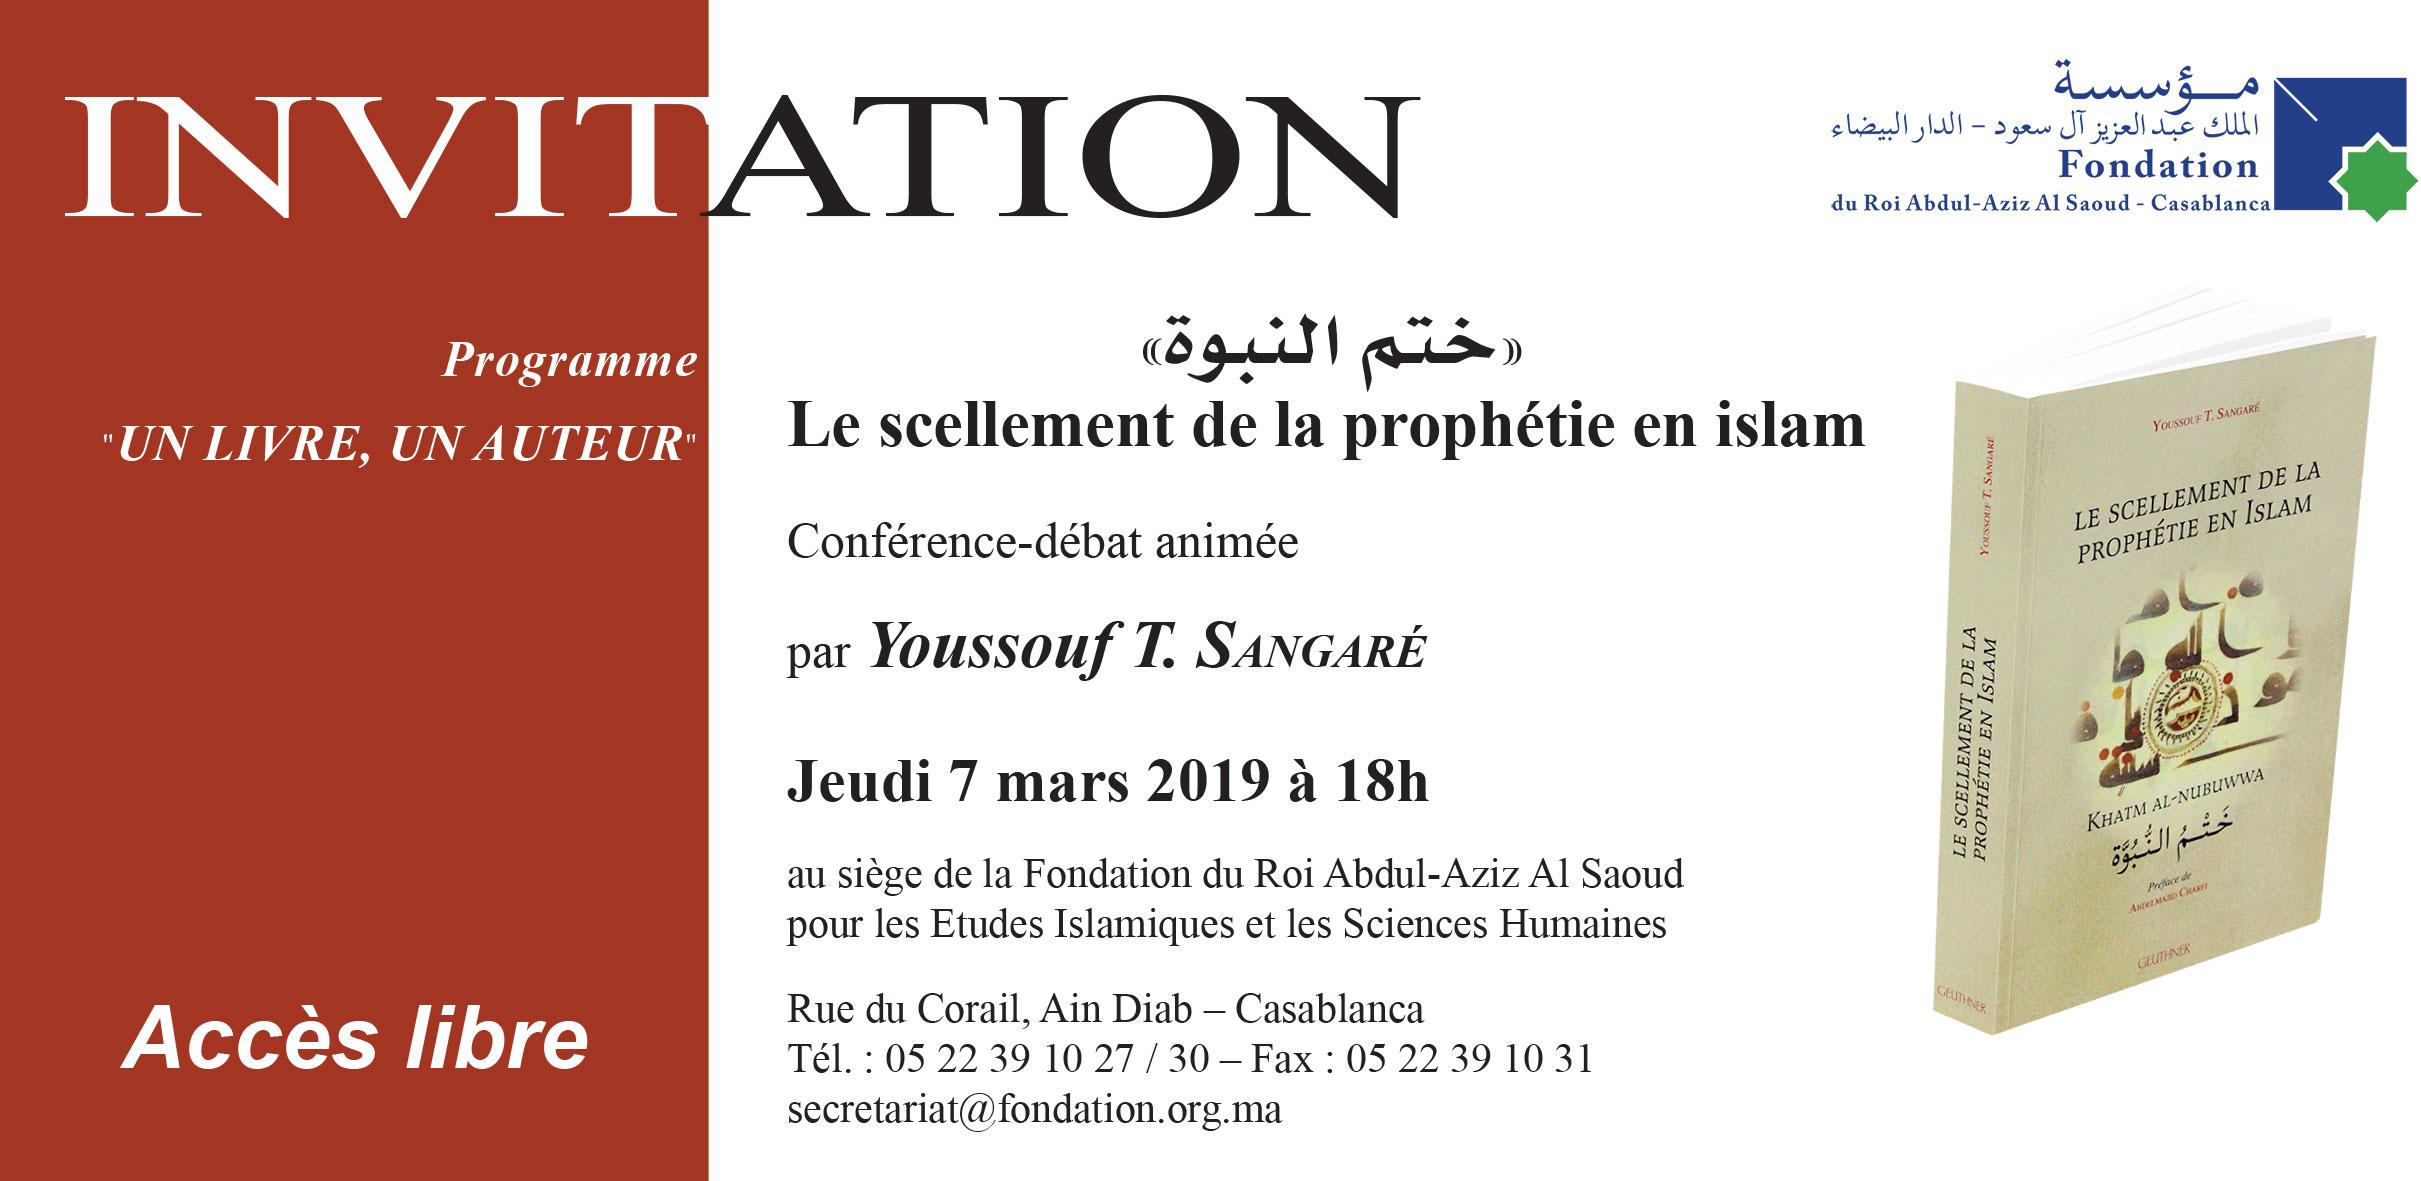 Conférence : Le scellement de la prophétie en islam (ختم النبوة)